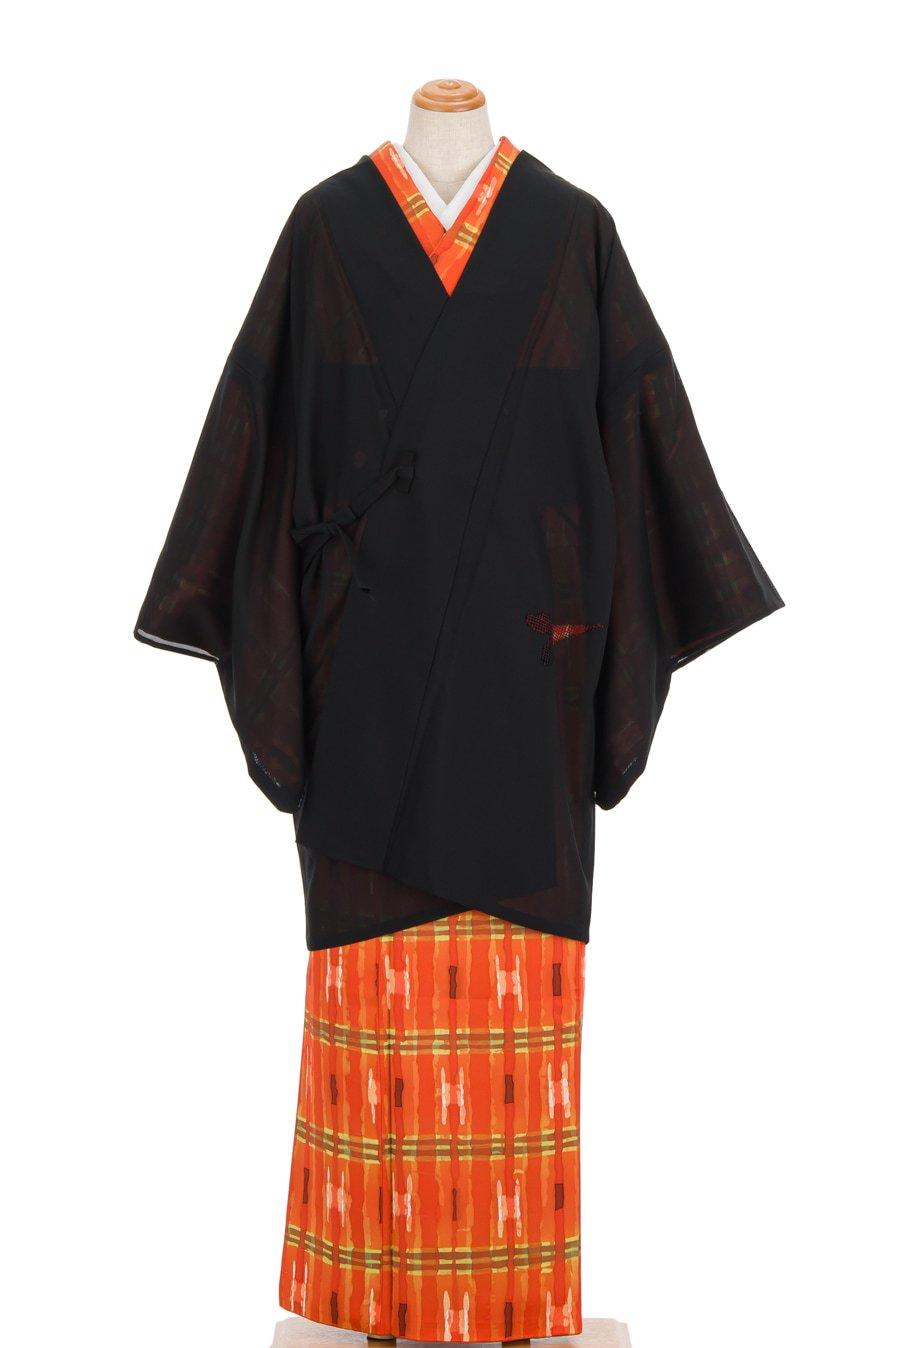 「絽 道中着 透かし織りの笹模様」の商品画像